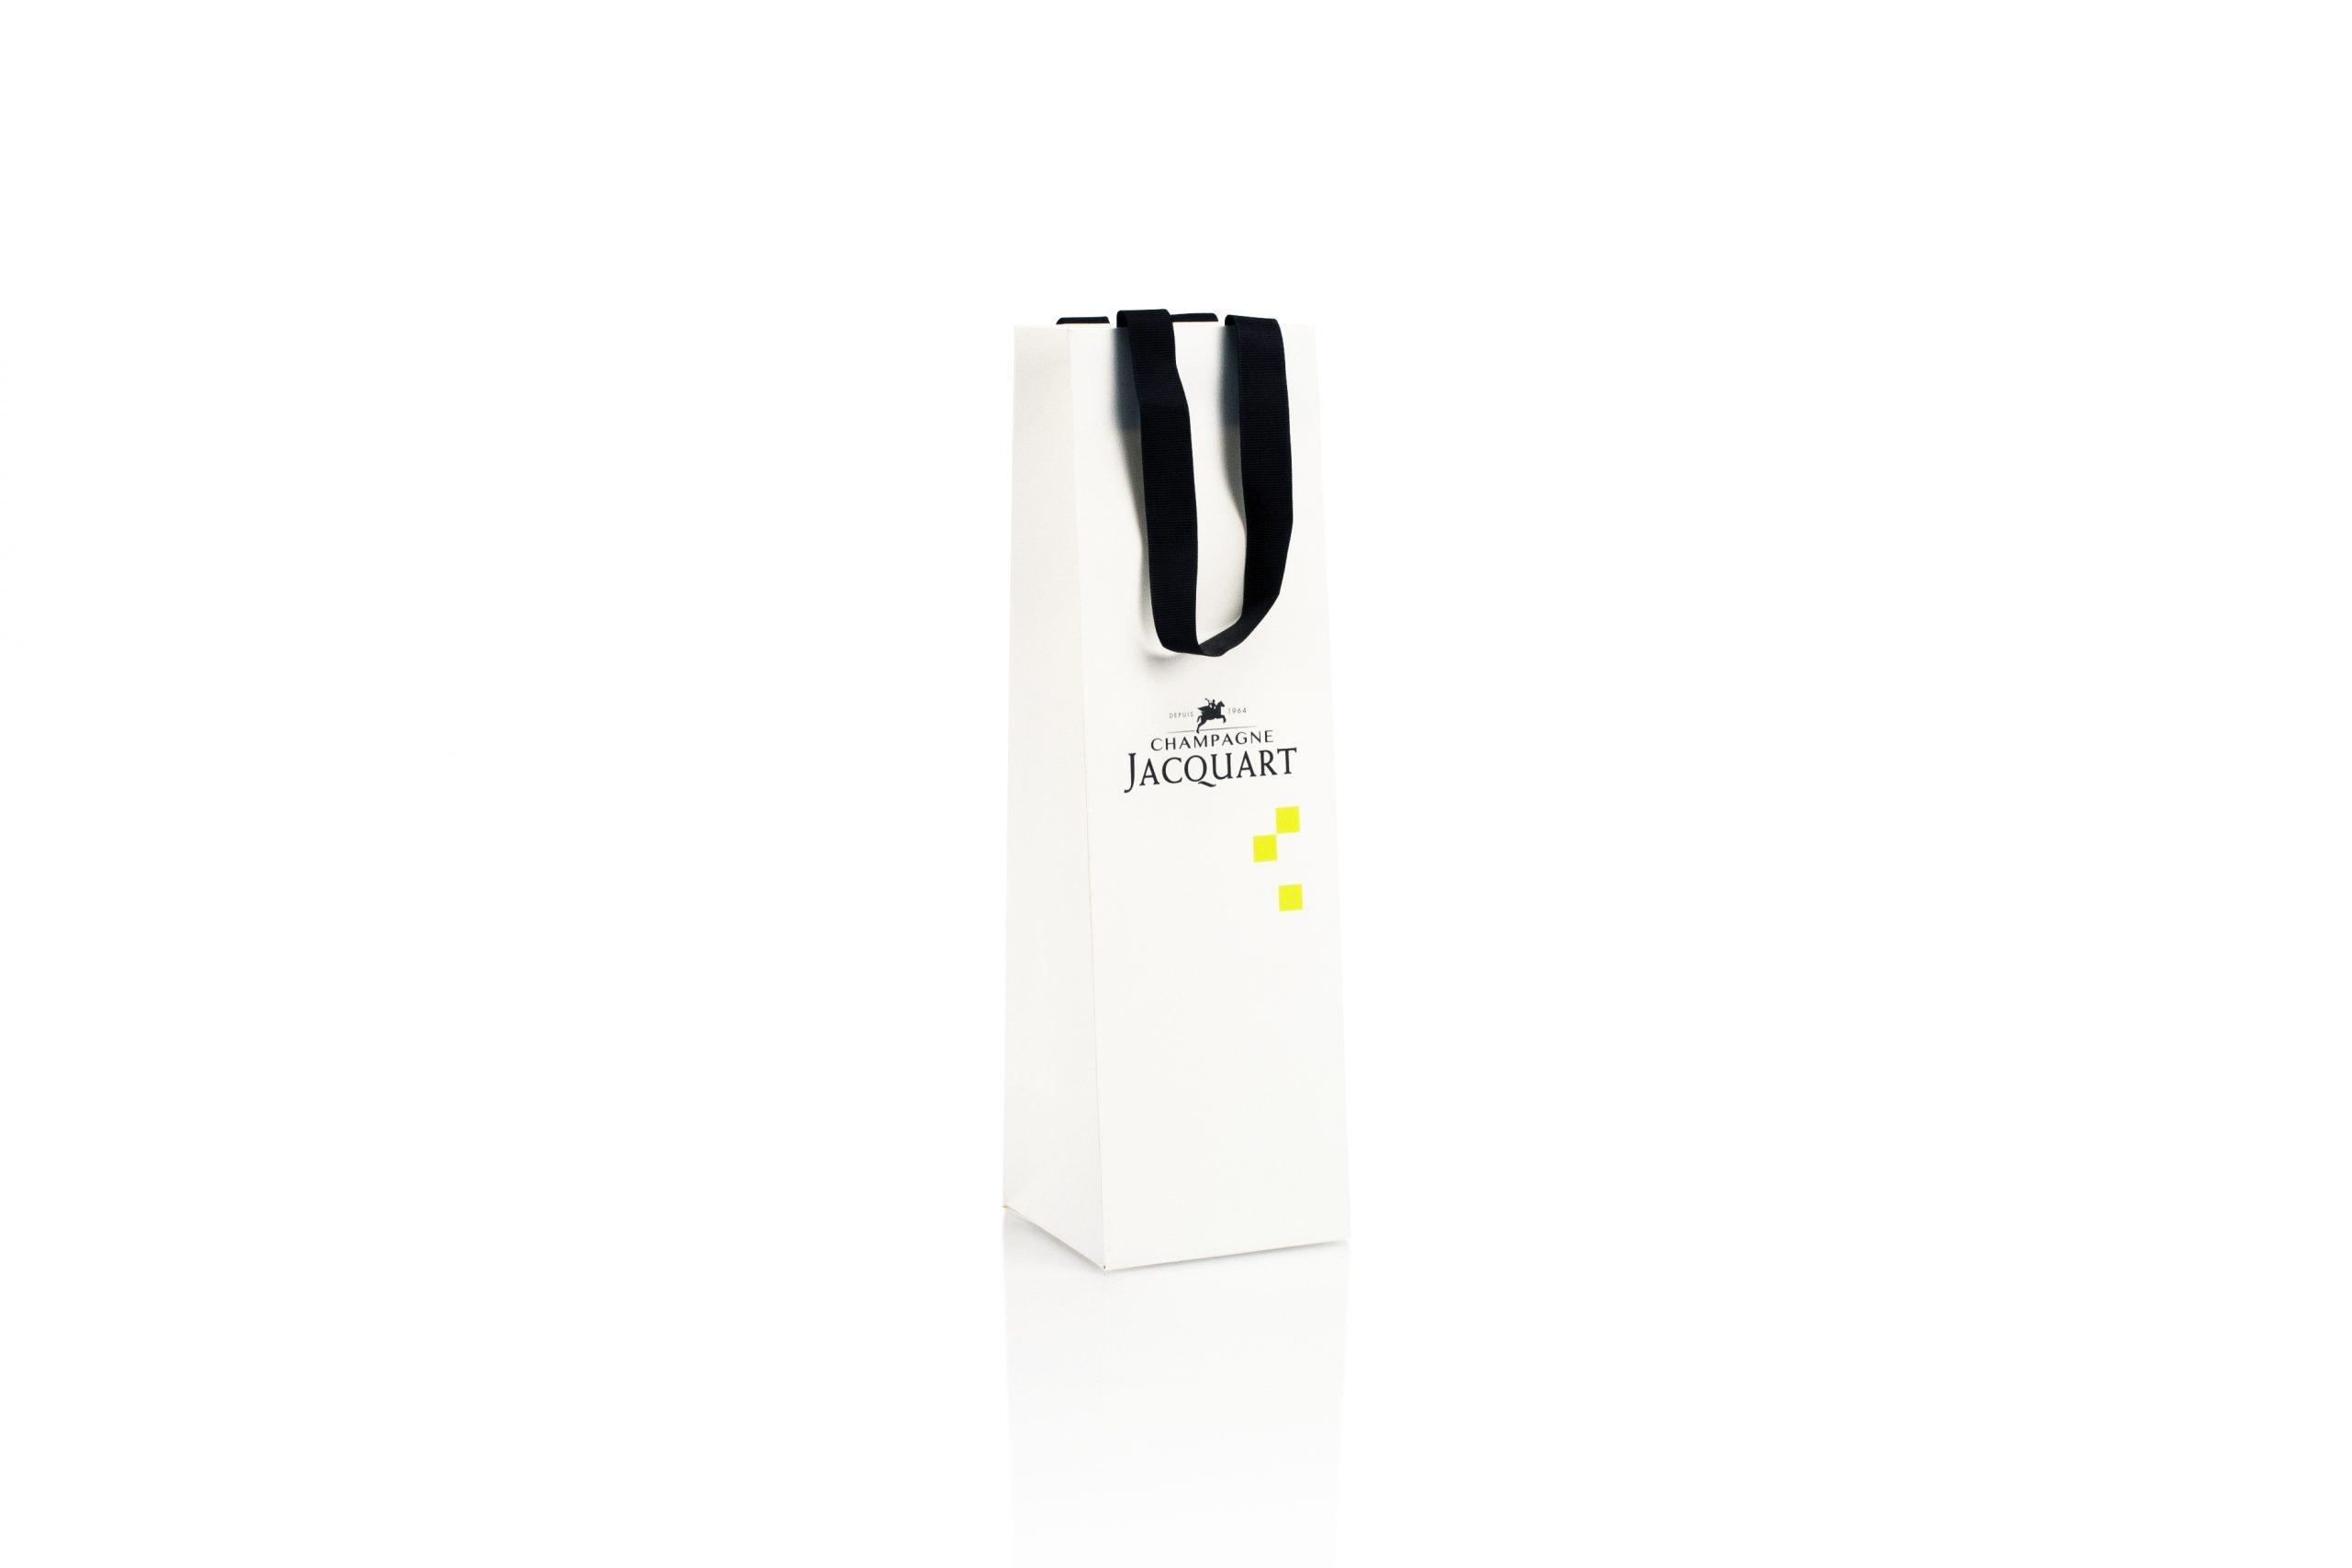 Champagneverpakking luxe papier met foliedruk